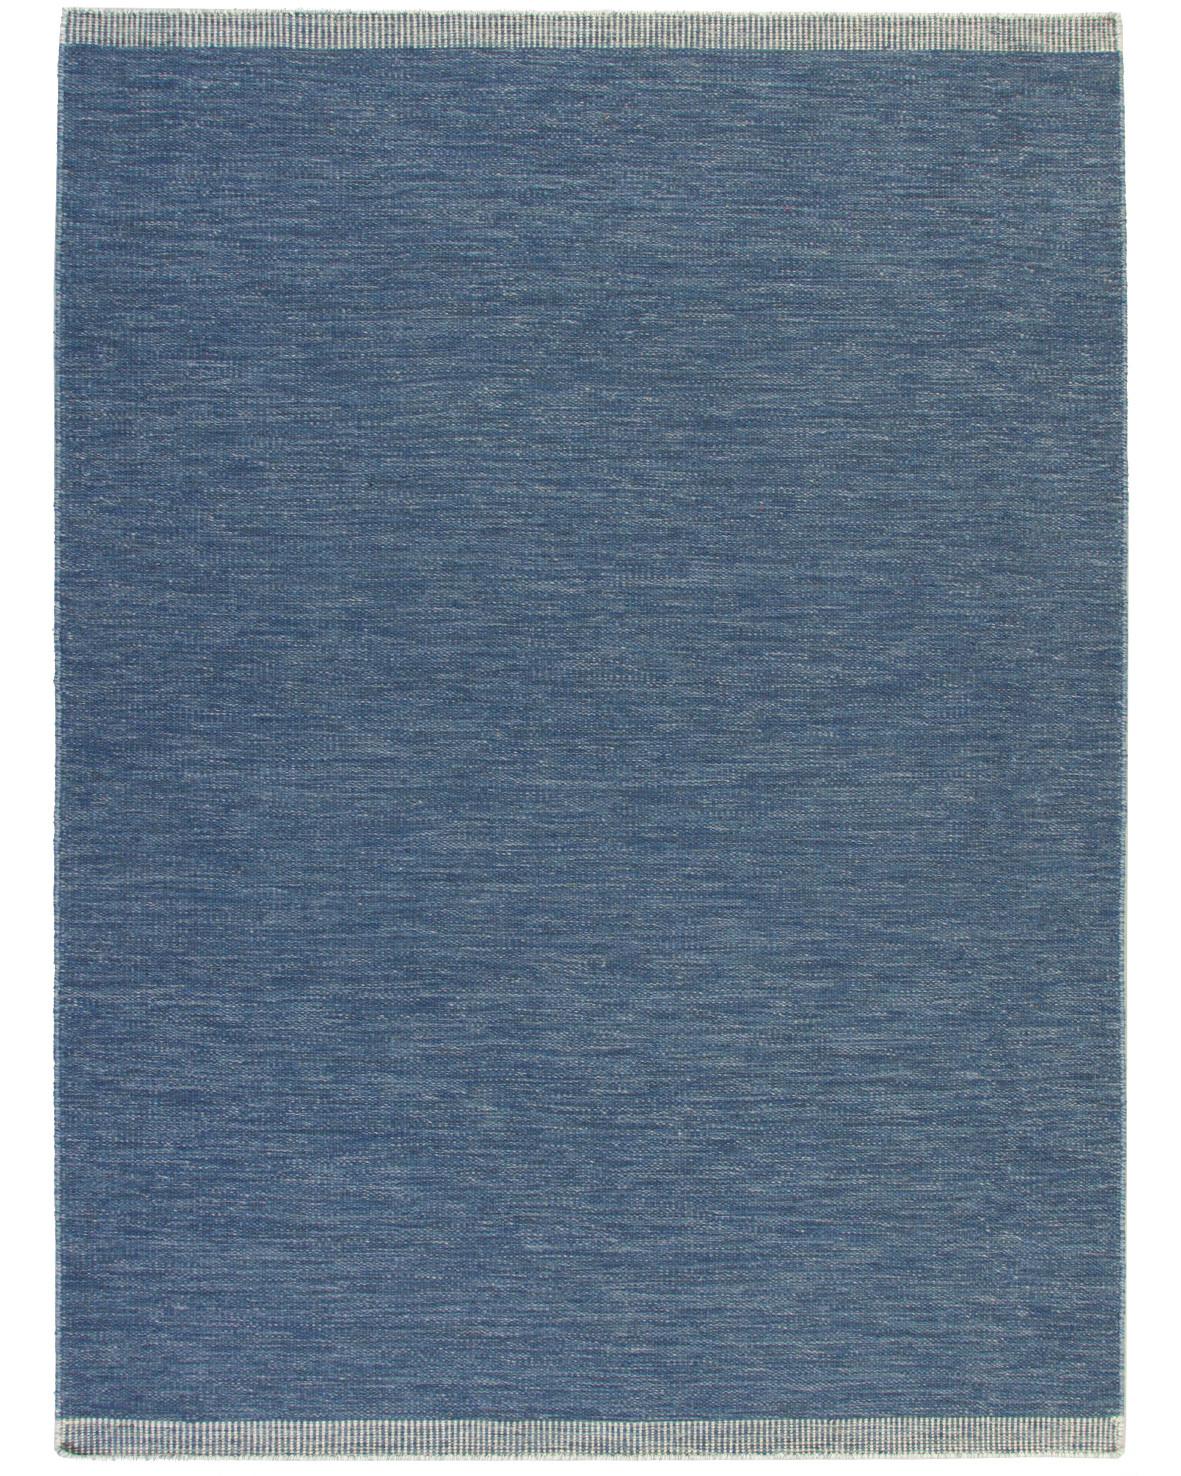 Blåmellerad handvävd ullmatta Öland